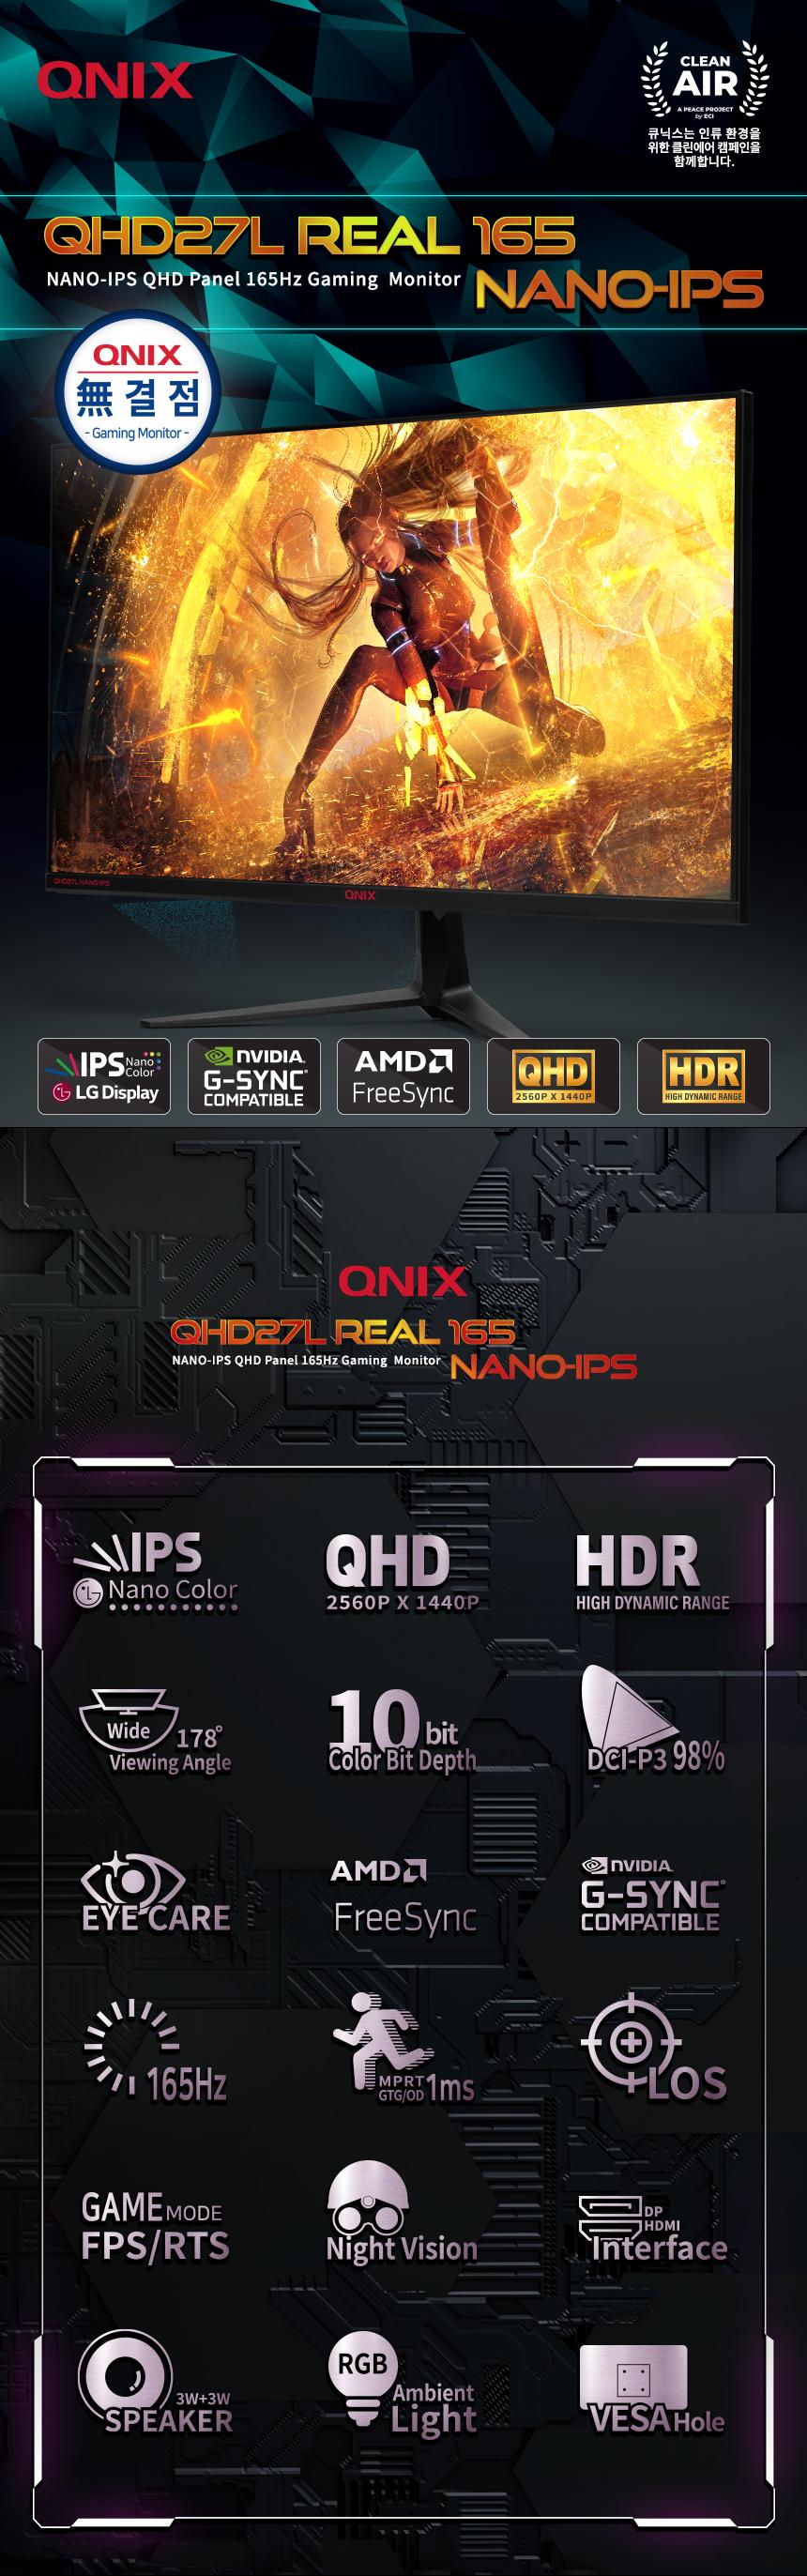 QHD27L-REAL-165-NANO-IPS_z_01.jpg